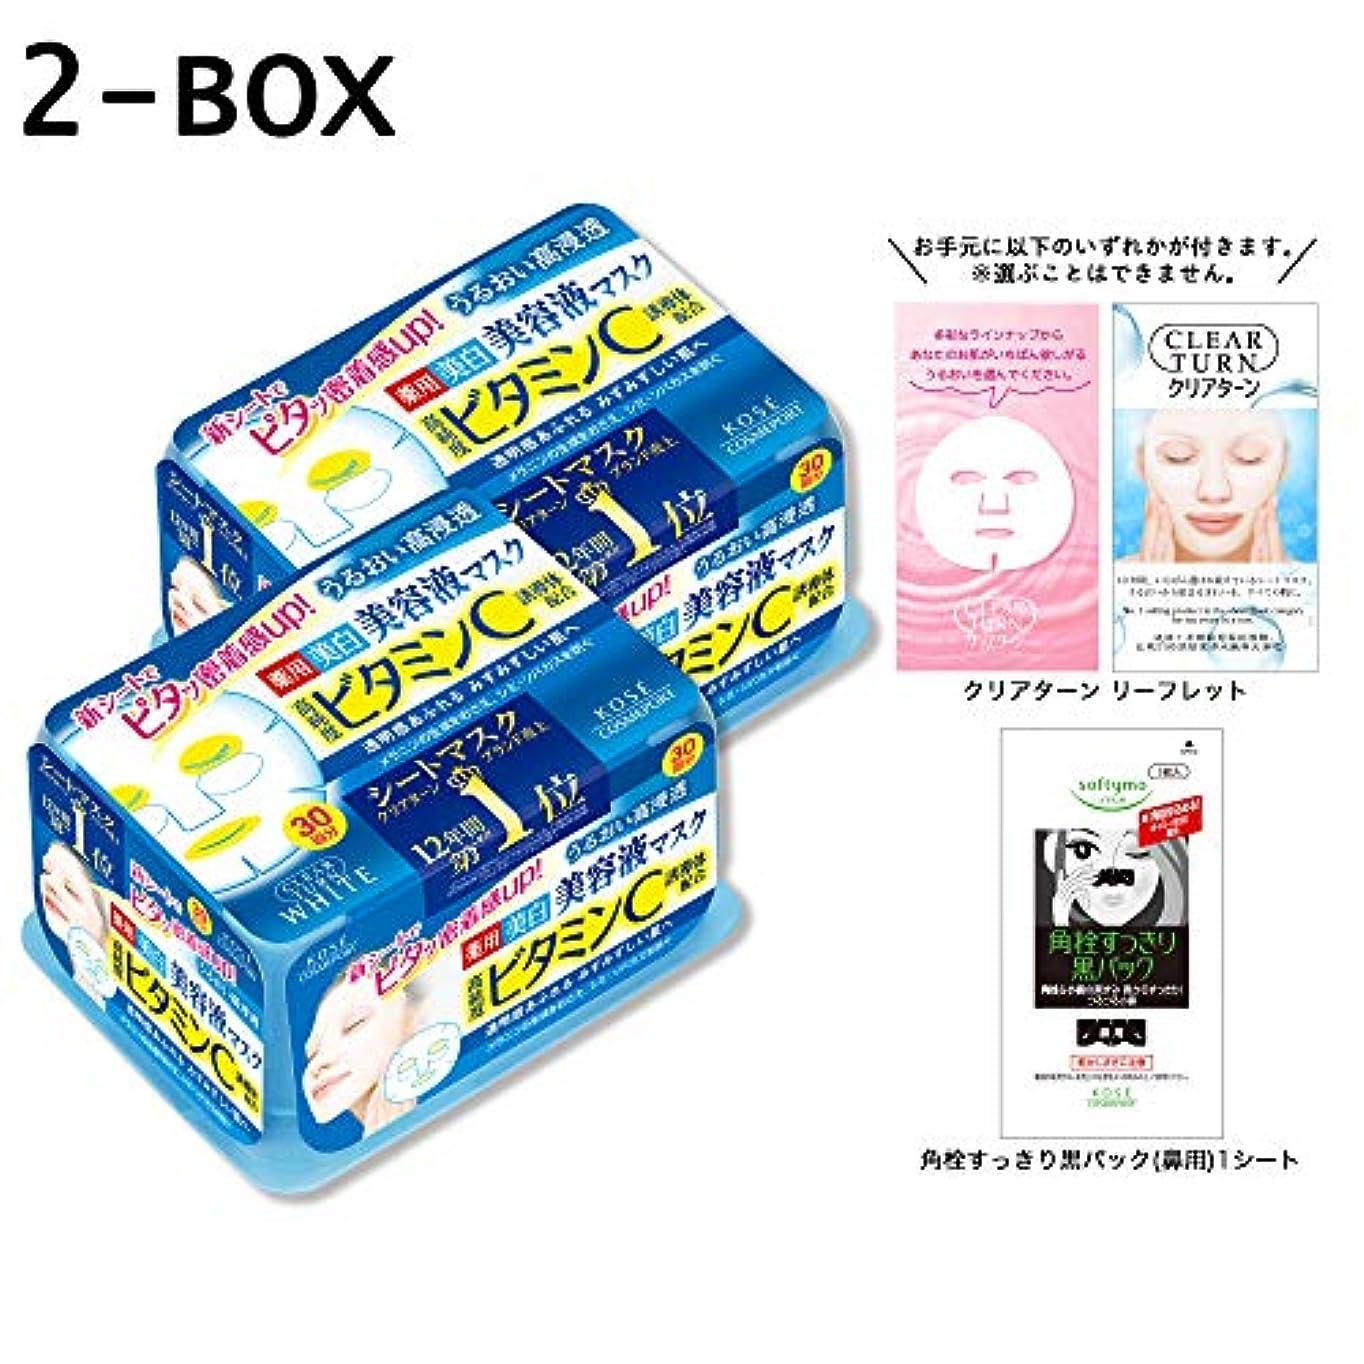 気づくなる確実単位【Amazon.co.jp限定】KOSE クリアターン エッセンスマスク (ビタミンC) 30回 2P+おまけ フェイスマスク (医薬部外品)